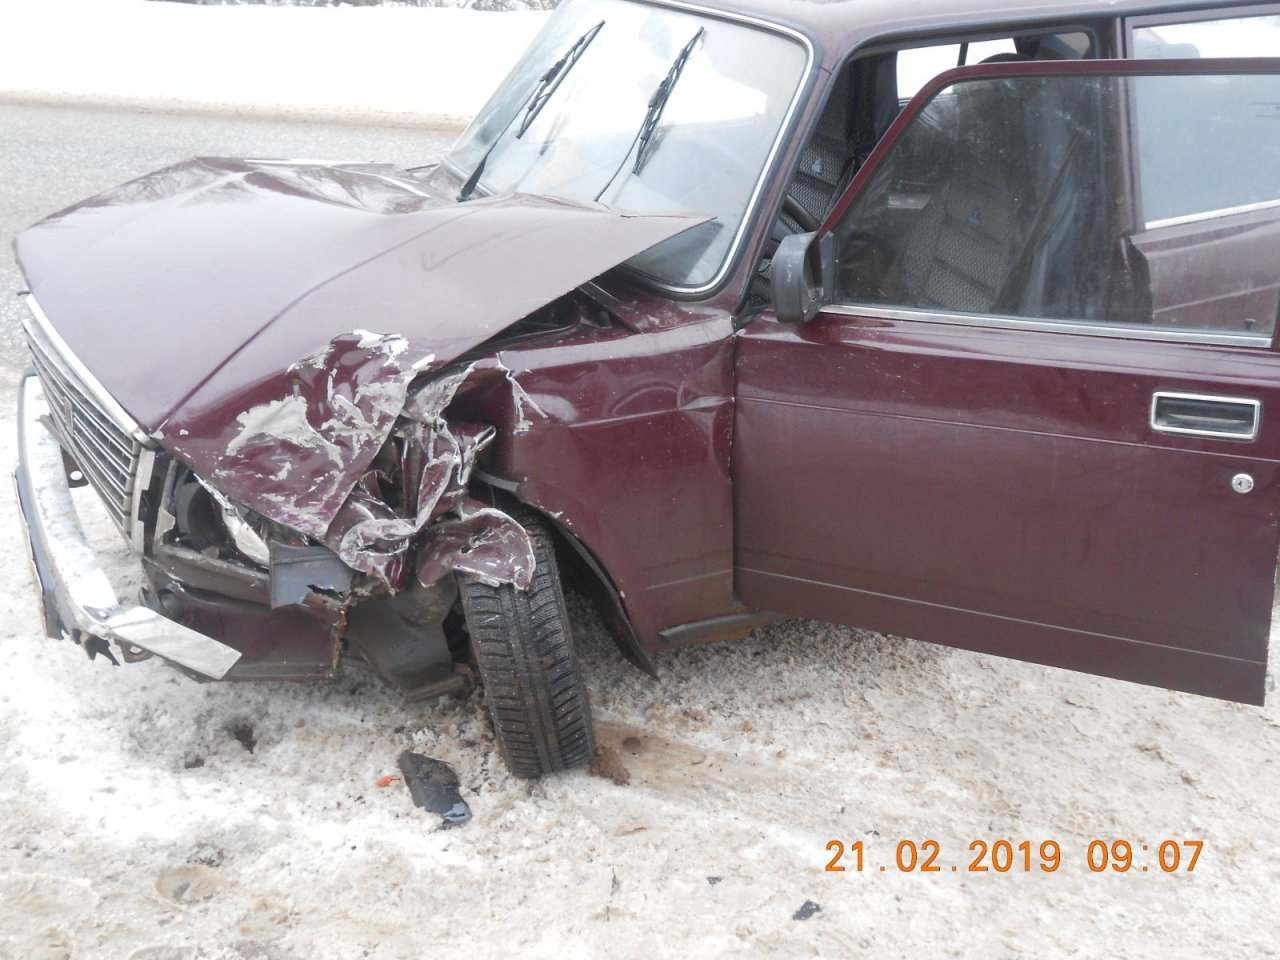 Видео: в Чепецком районе на ровном месте лоб в лоб столкнулись два ВАЗа